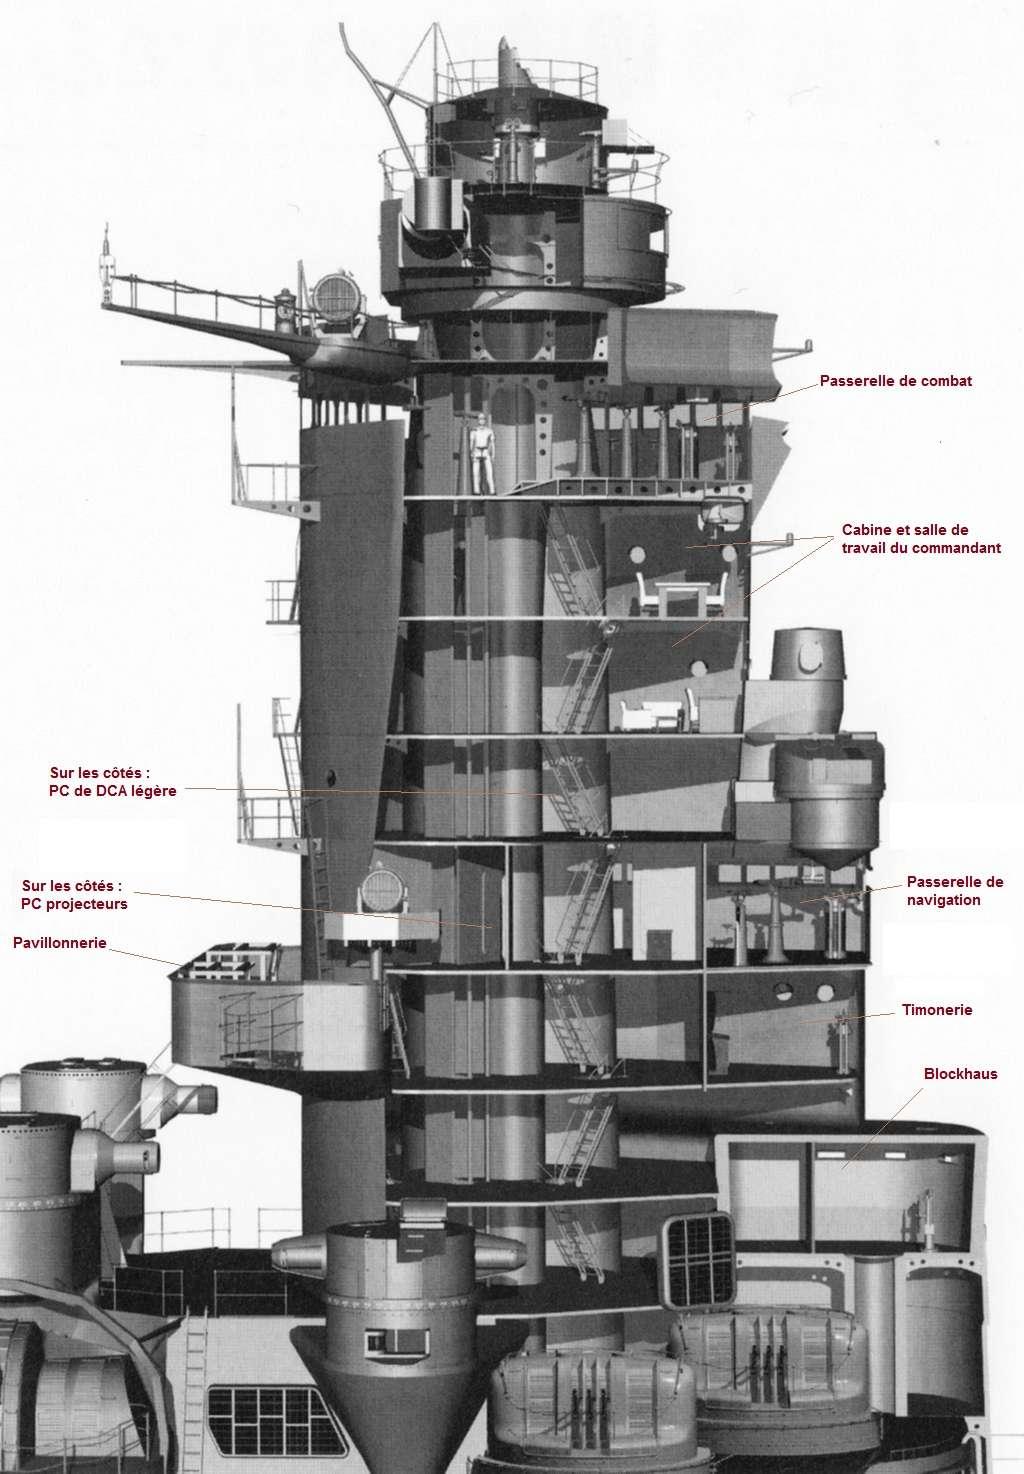 IJN Yamato en détails - Page 3 Musash12